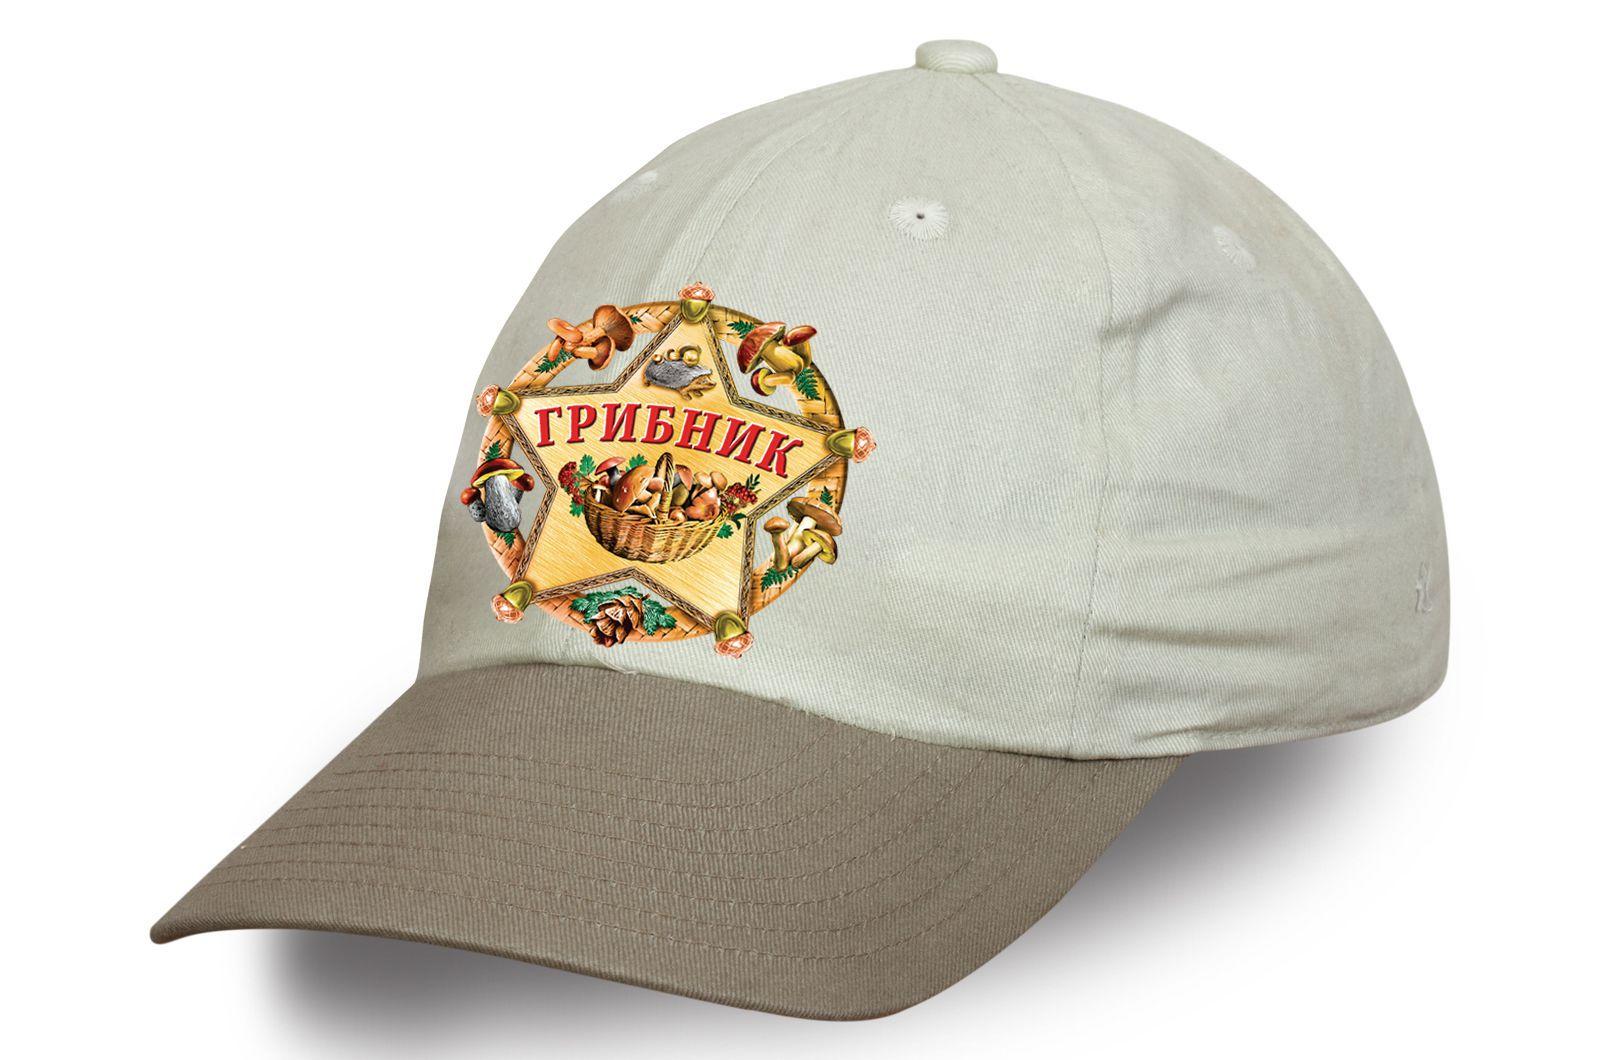 Бейсболка для грибного сезона - купить по лучшей цене